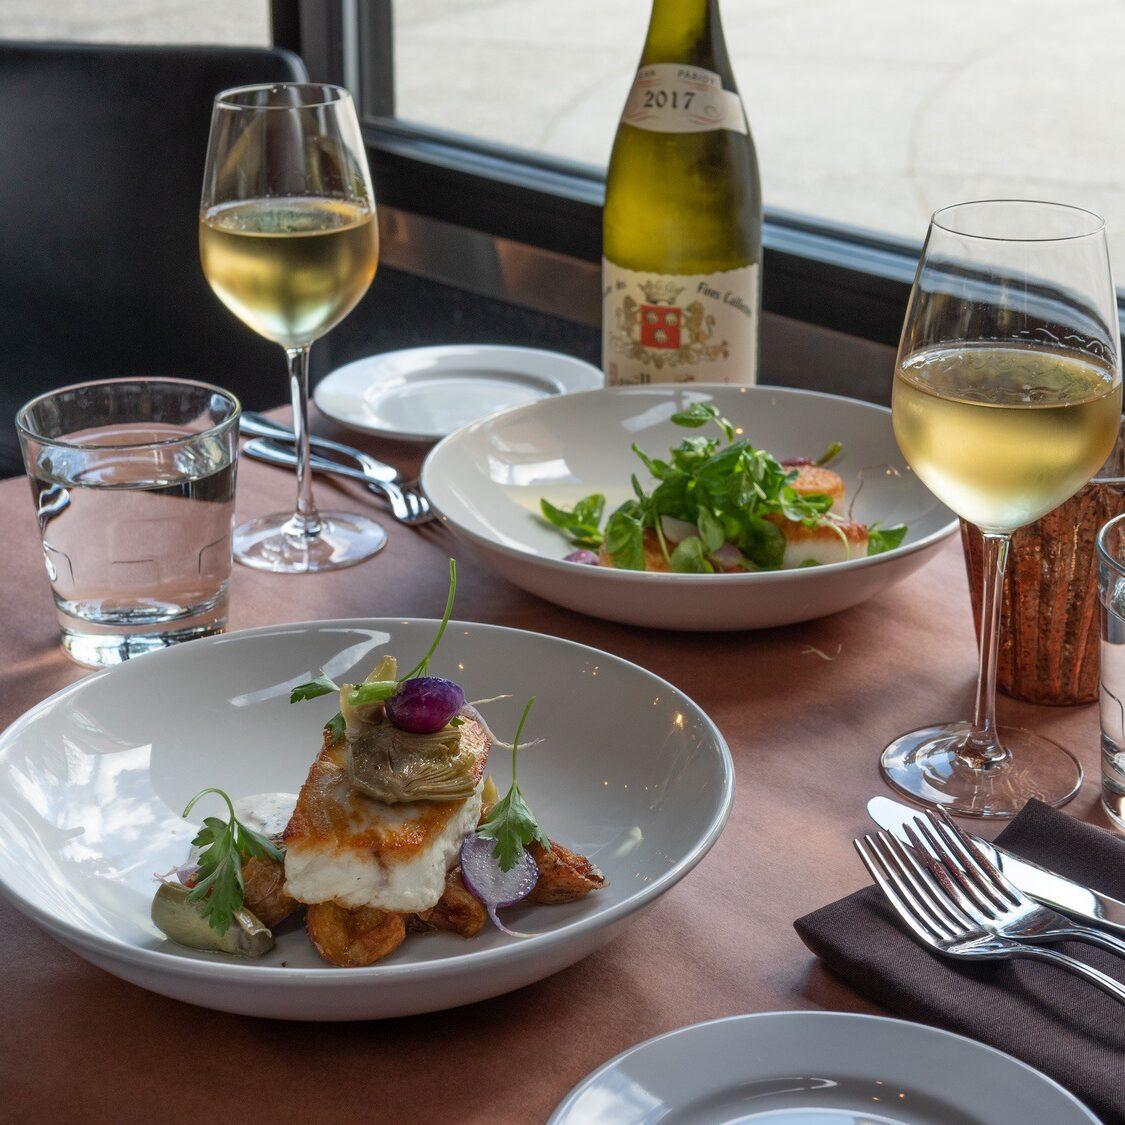 Bainbridge Island Eat Restaurants - Agate Restaurant Seafood Wine